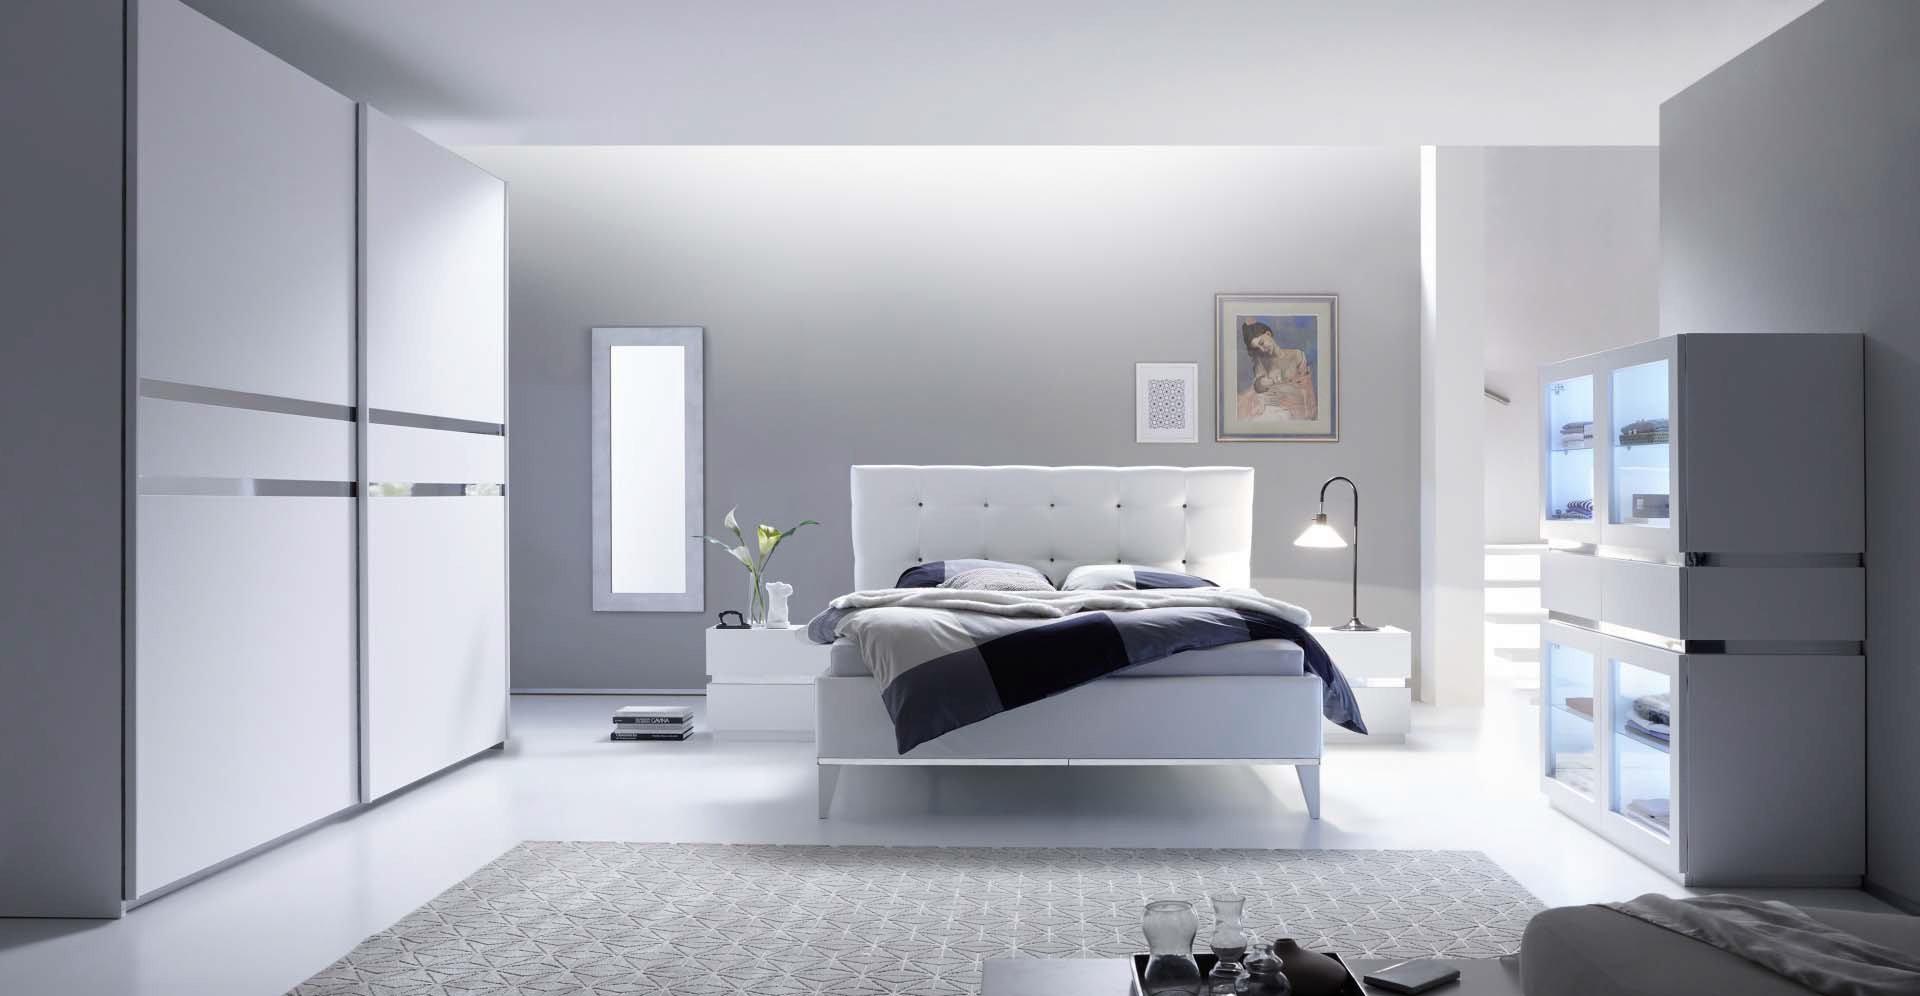 Letto matrimoniale reno mobile camera da letto moderno - Centrini per camera da letto moderna ...